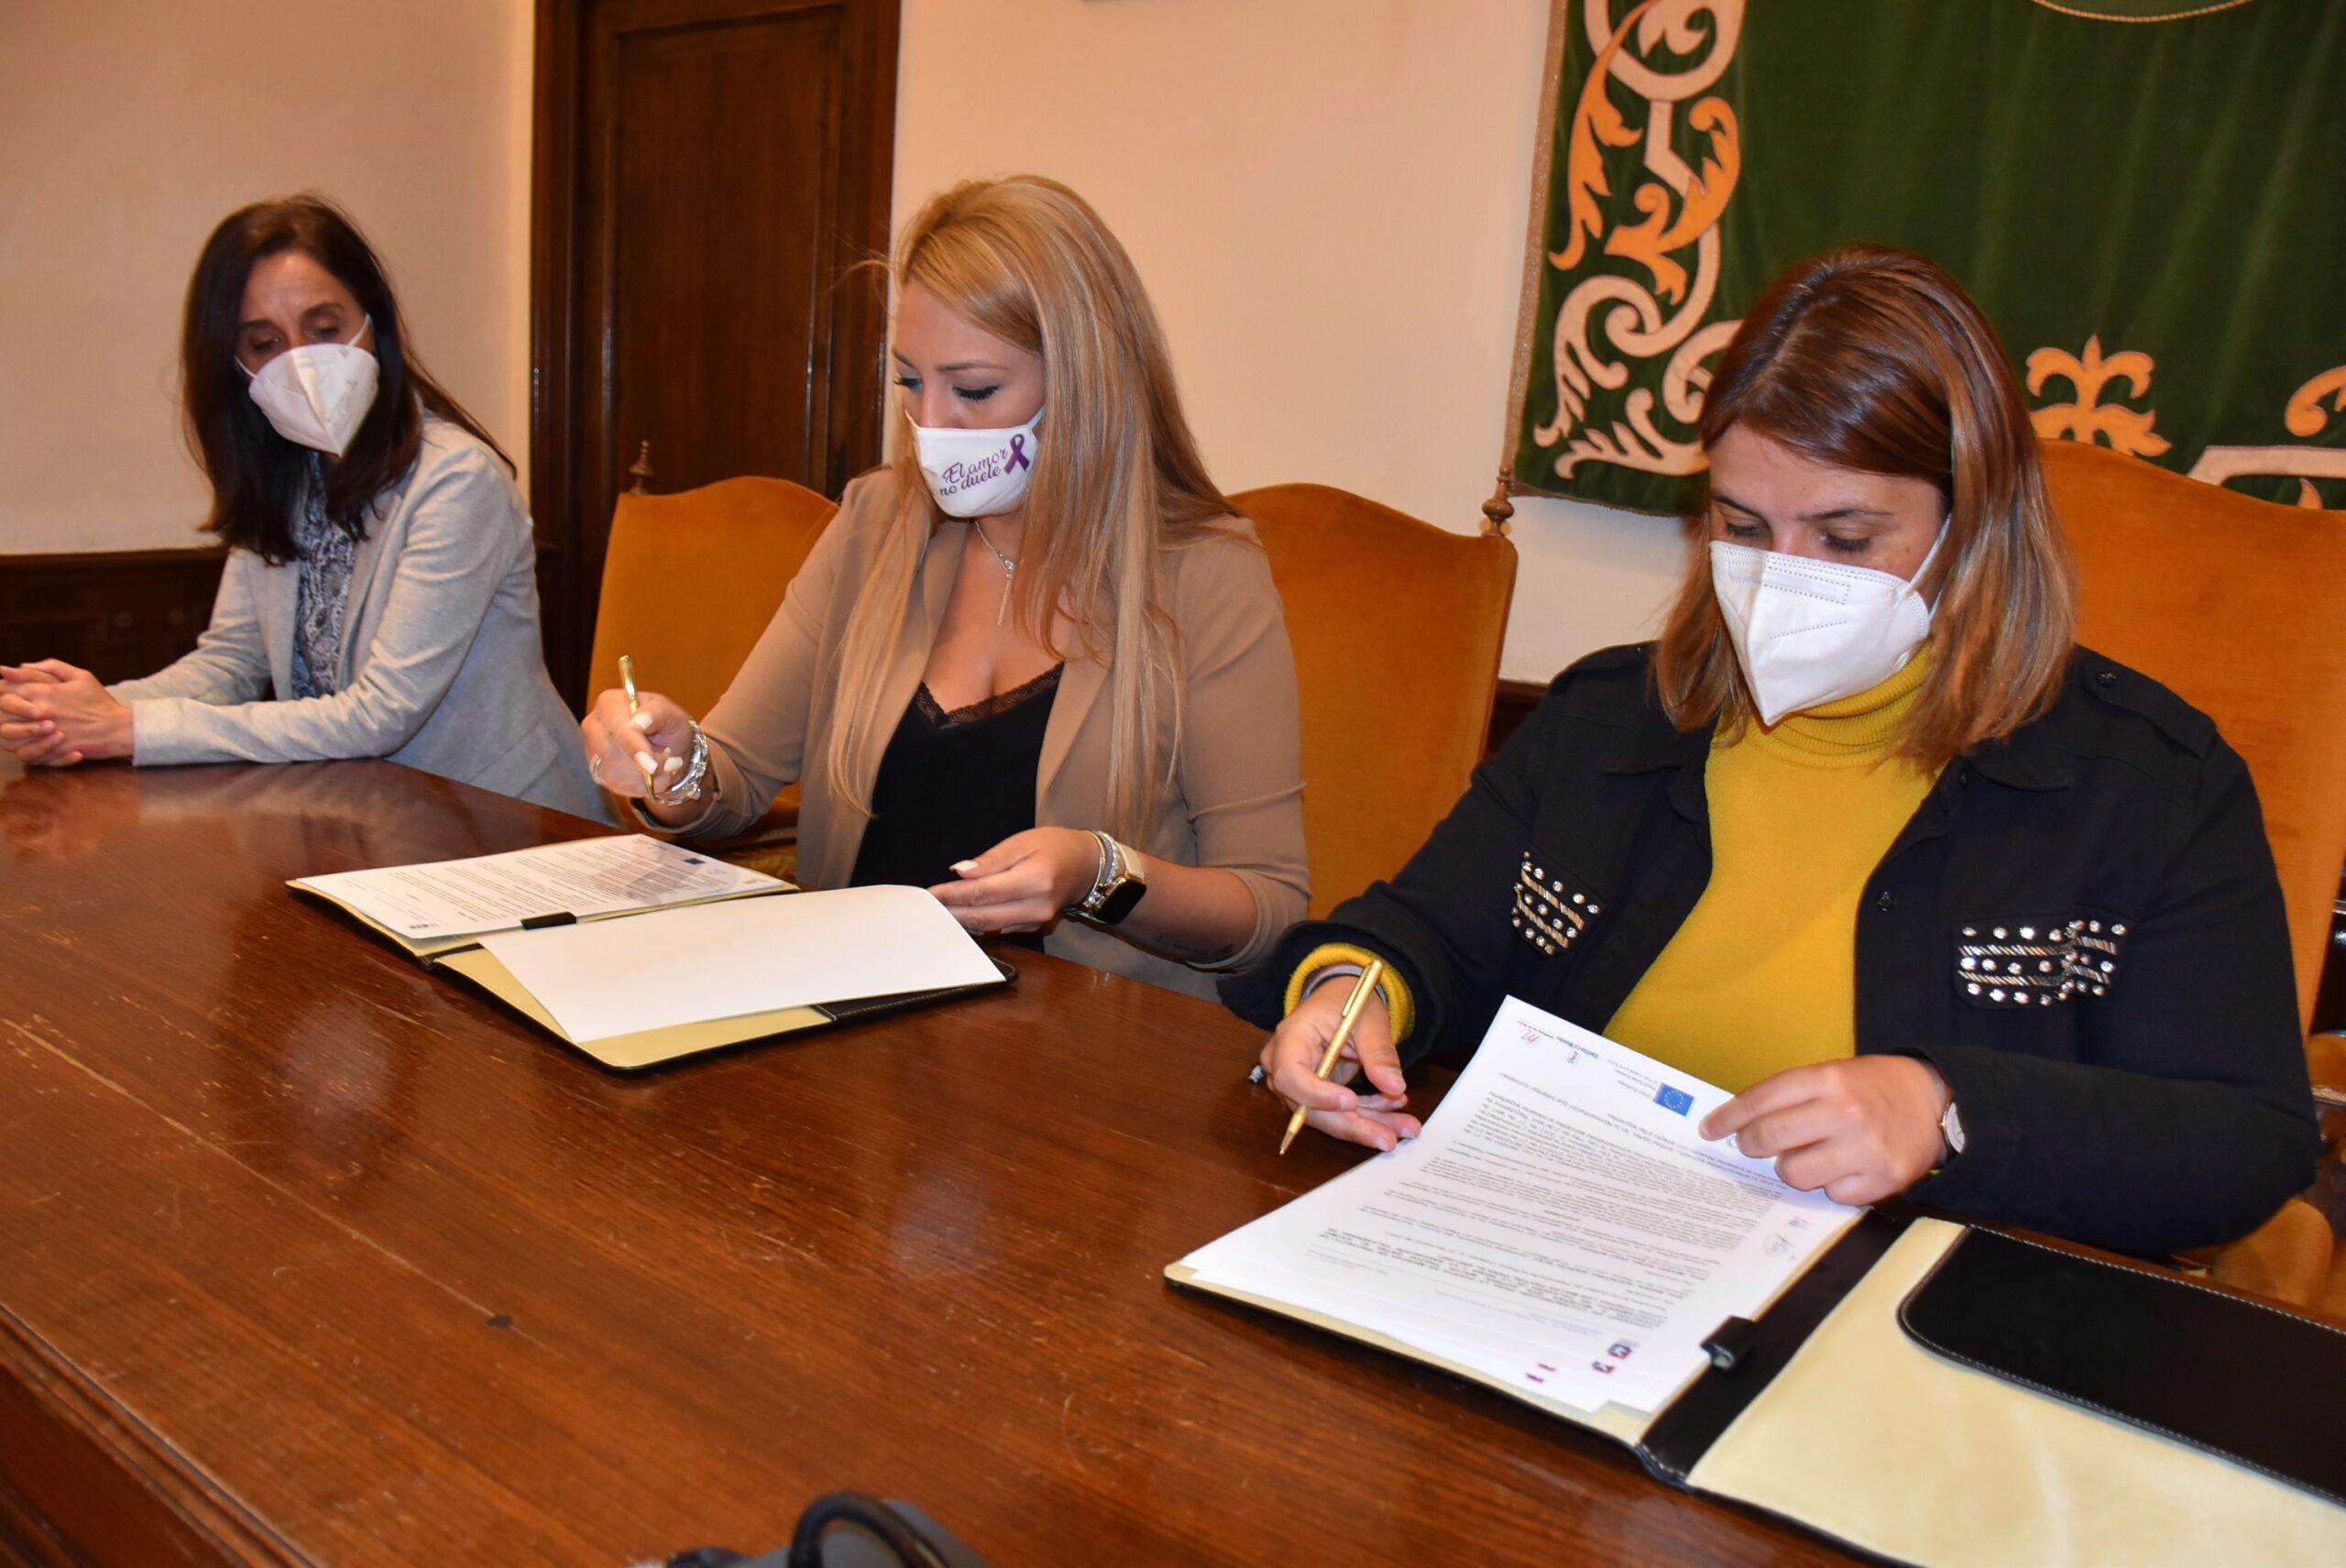 El equipo de Gobierno suscribe un convenio con la Asociación Talaverana para seguir luchando de manera coordinada contra los malos tratos